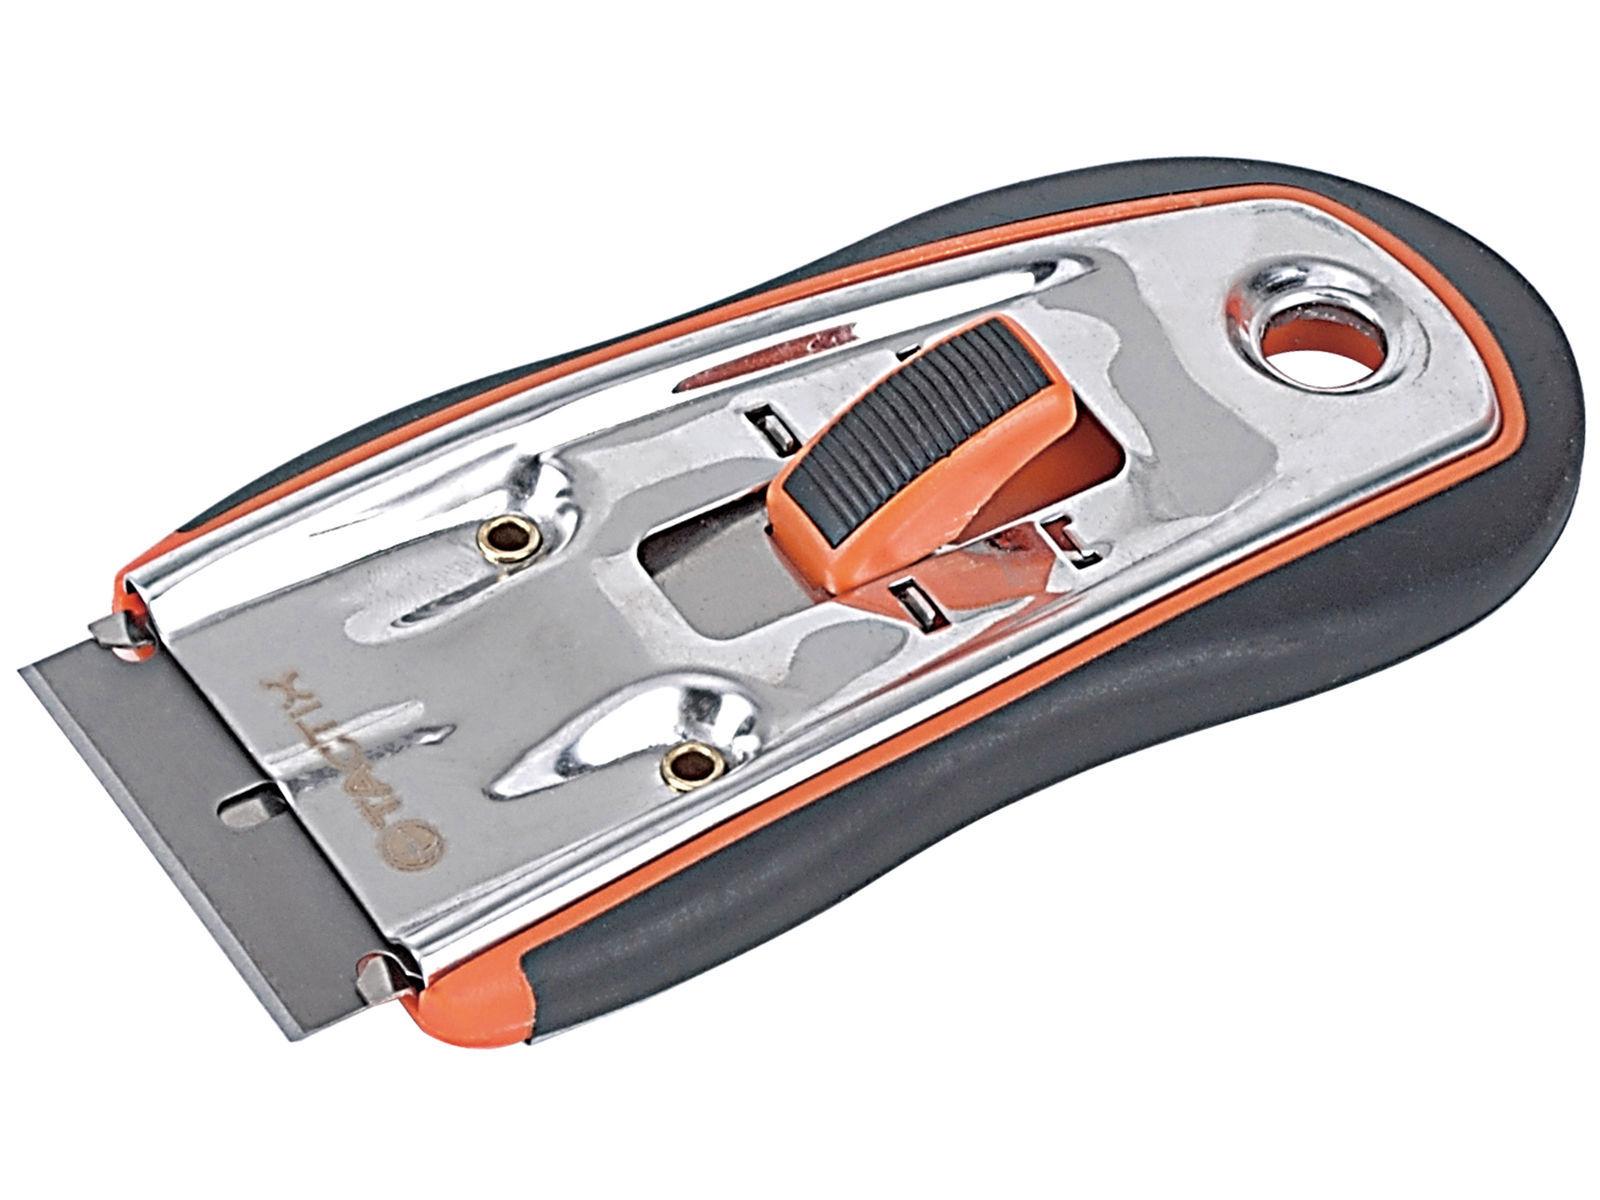 Bilde av Malingsskrape m/5 stk knivblad